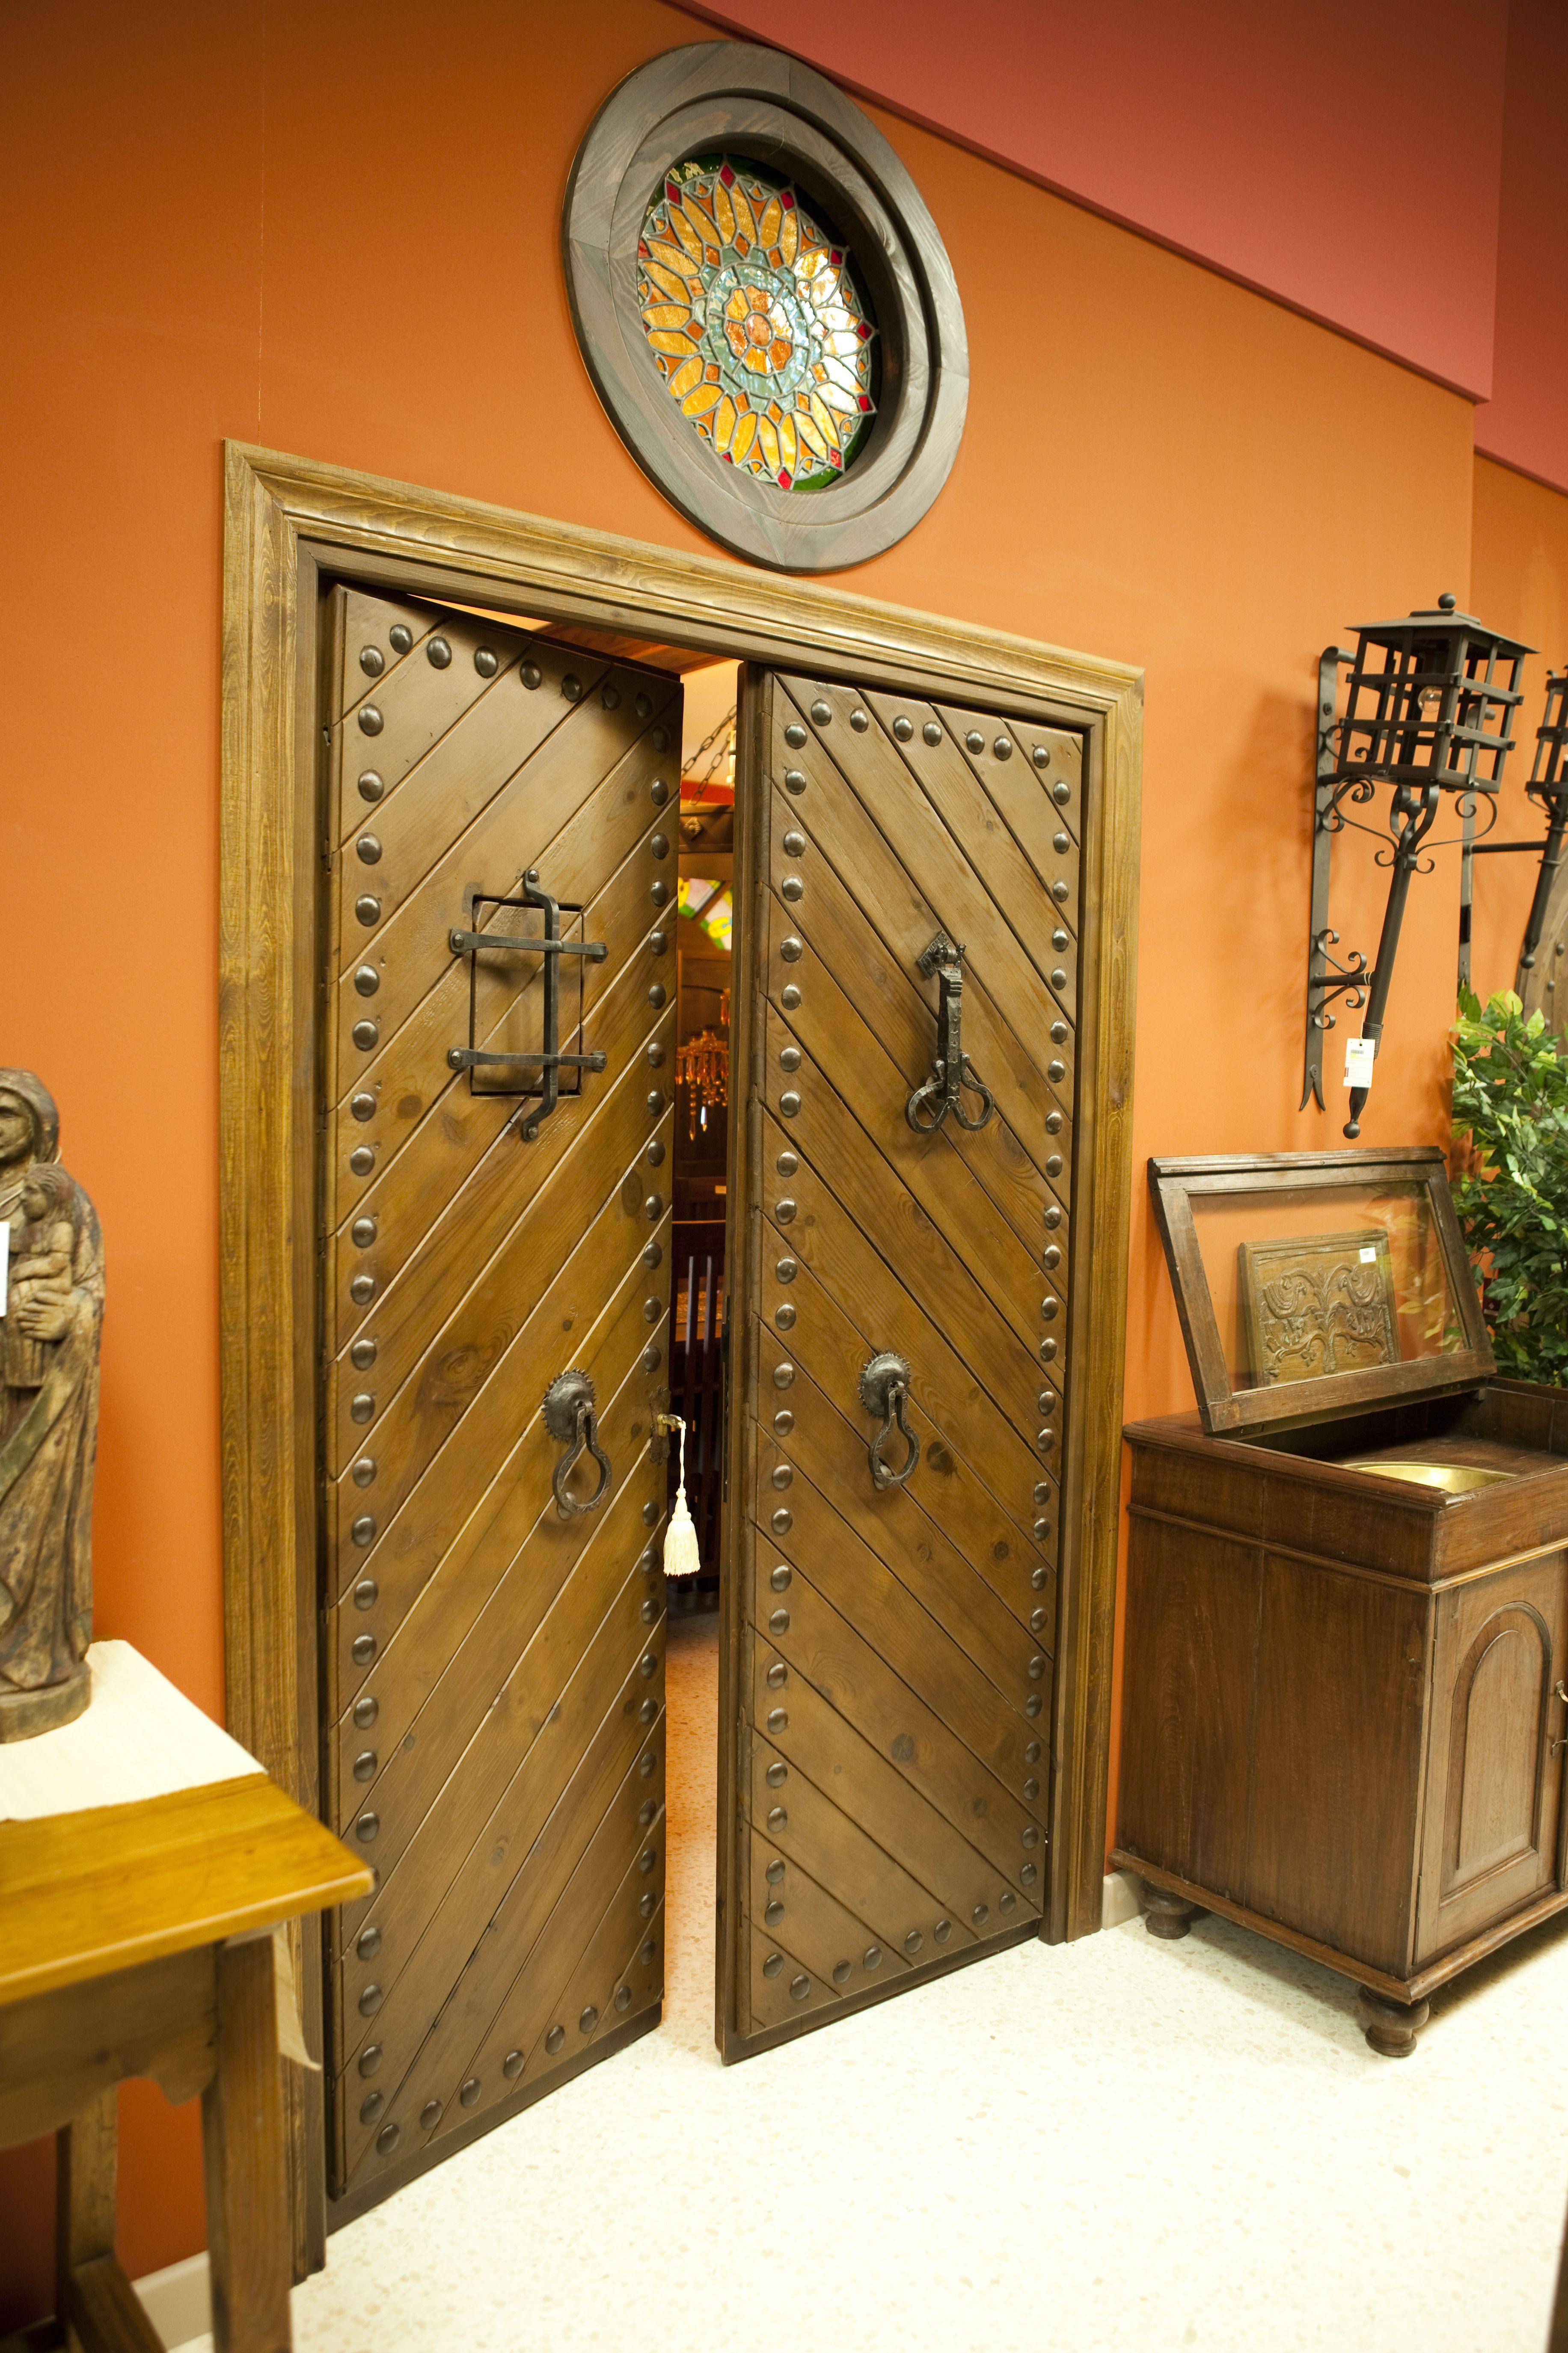 Puerta r stica de dos hojas con duelas en forma de espiga - Puertas de dos hojas ...